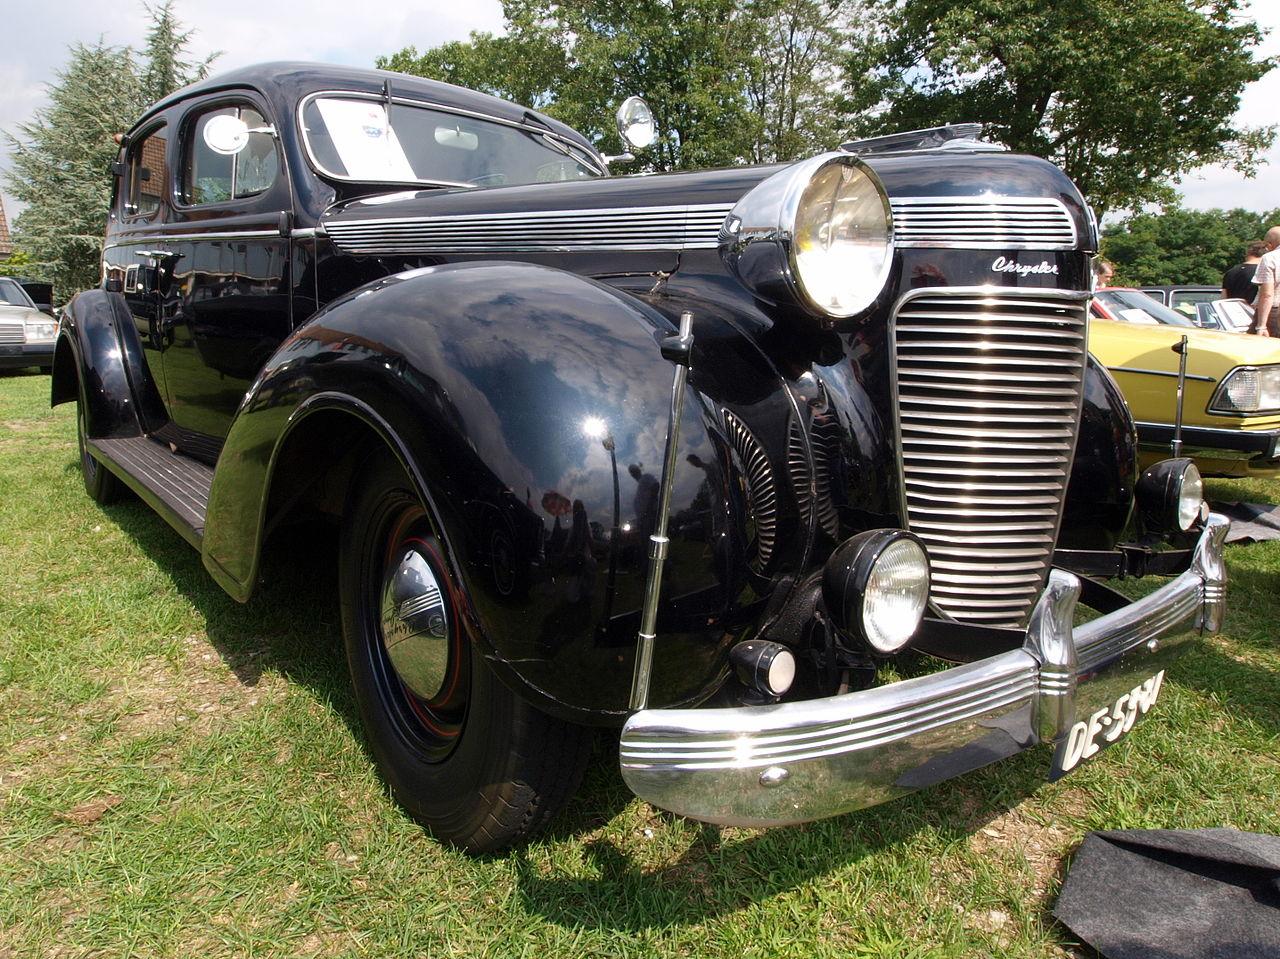 1937 Chrysler Imperial for sale #2116091 - Hemmings Motor News  |1937 Chrysler Imperial